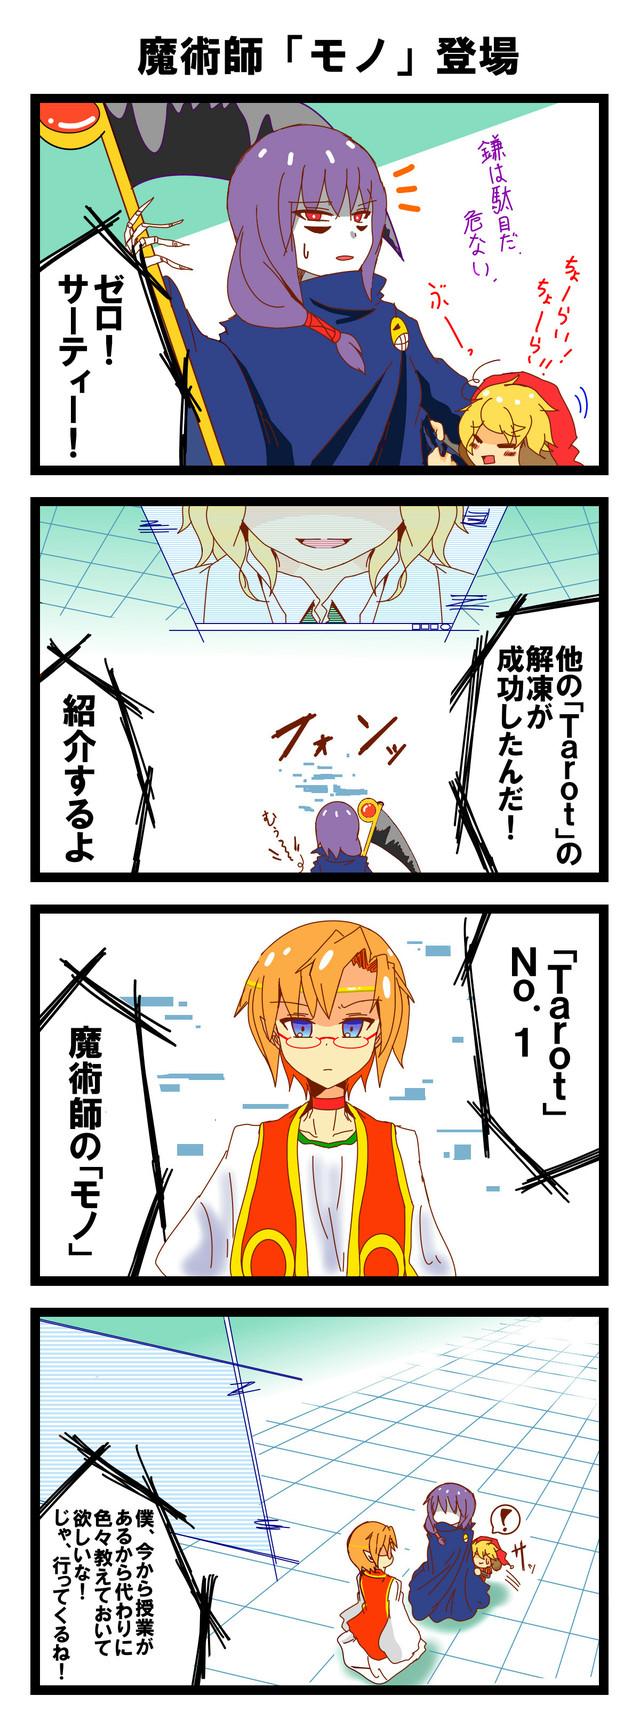 3Data:マスターと新しい仲間と!